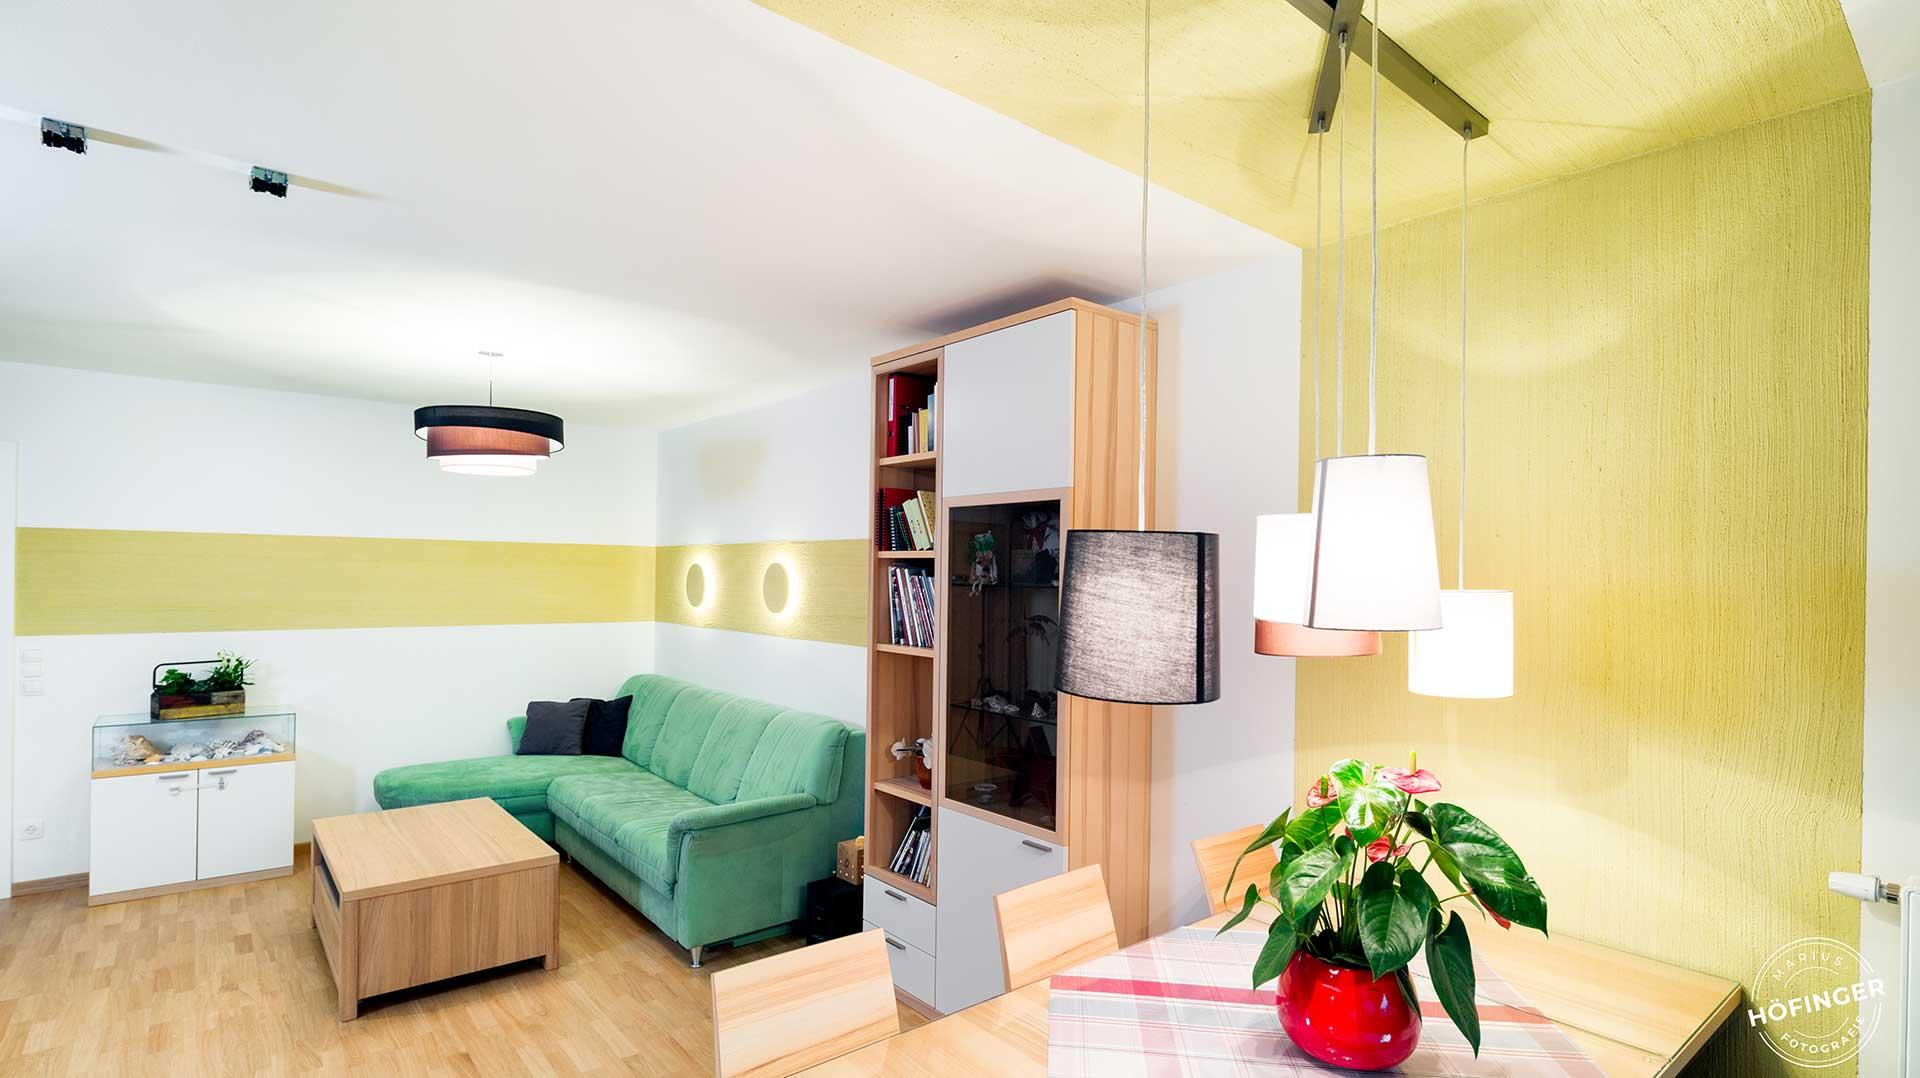 Lebensraumberatung in einer Wohnung